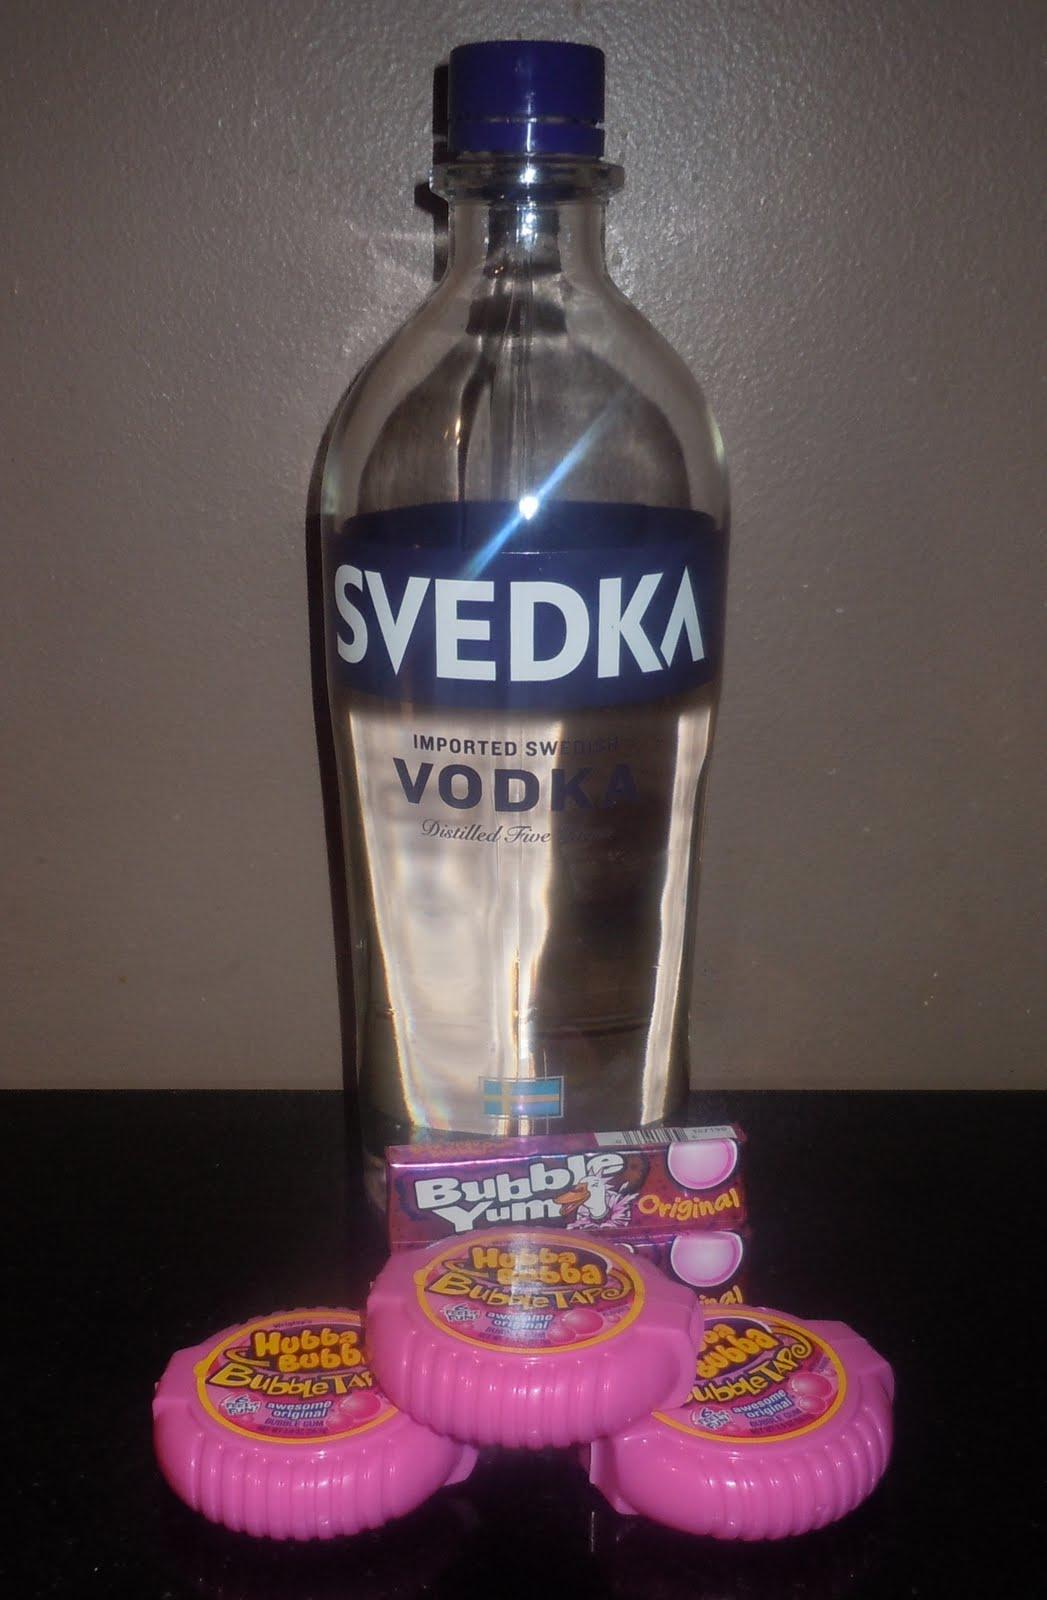 Bubble gum alcohol